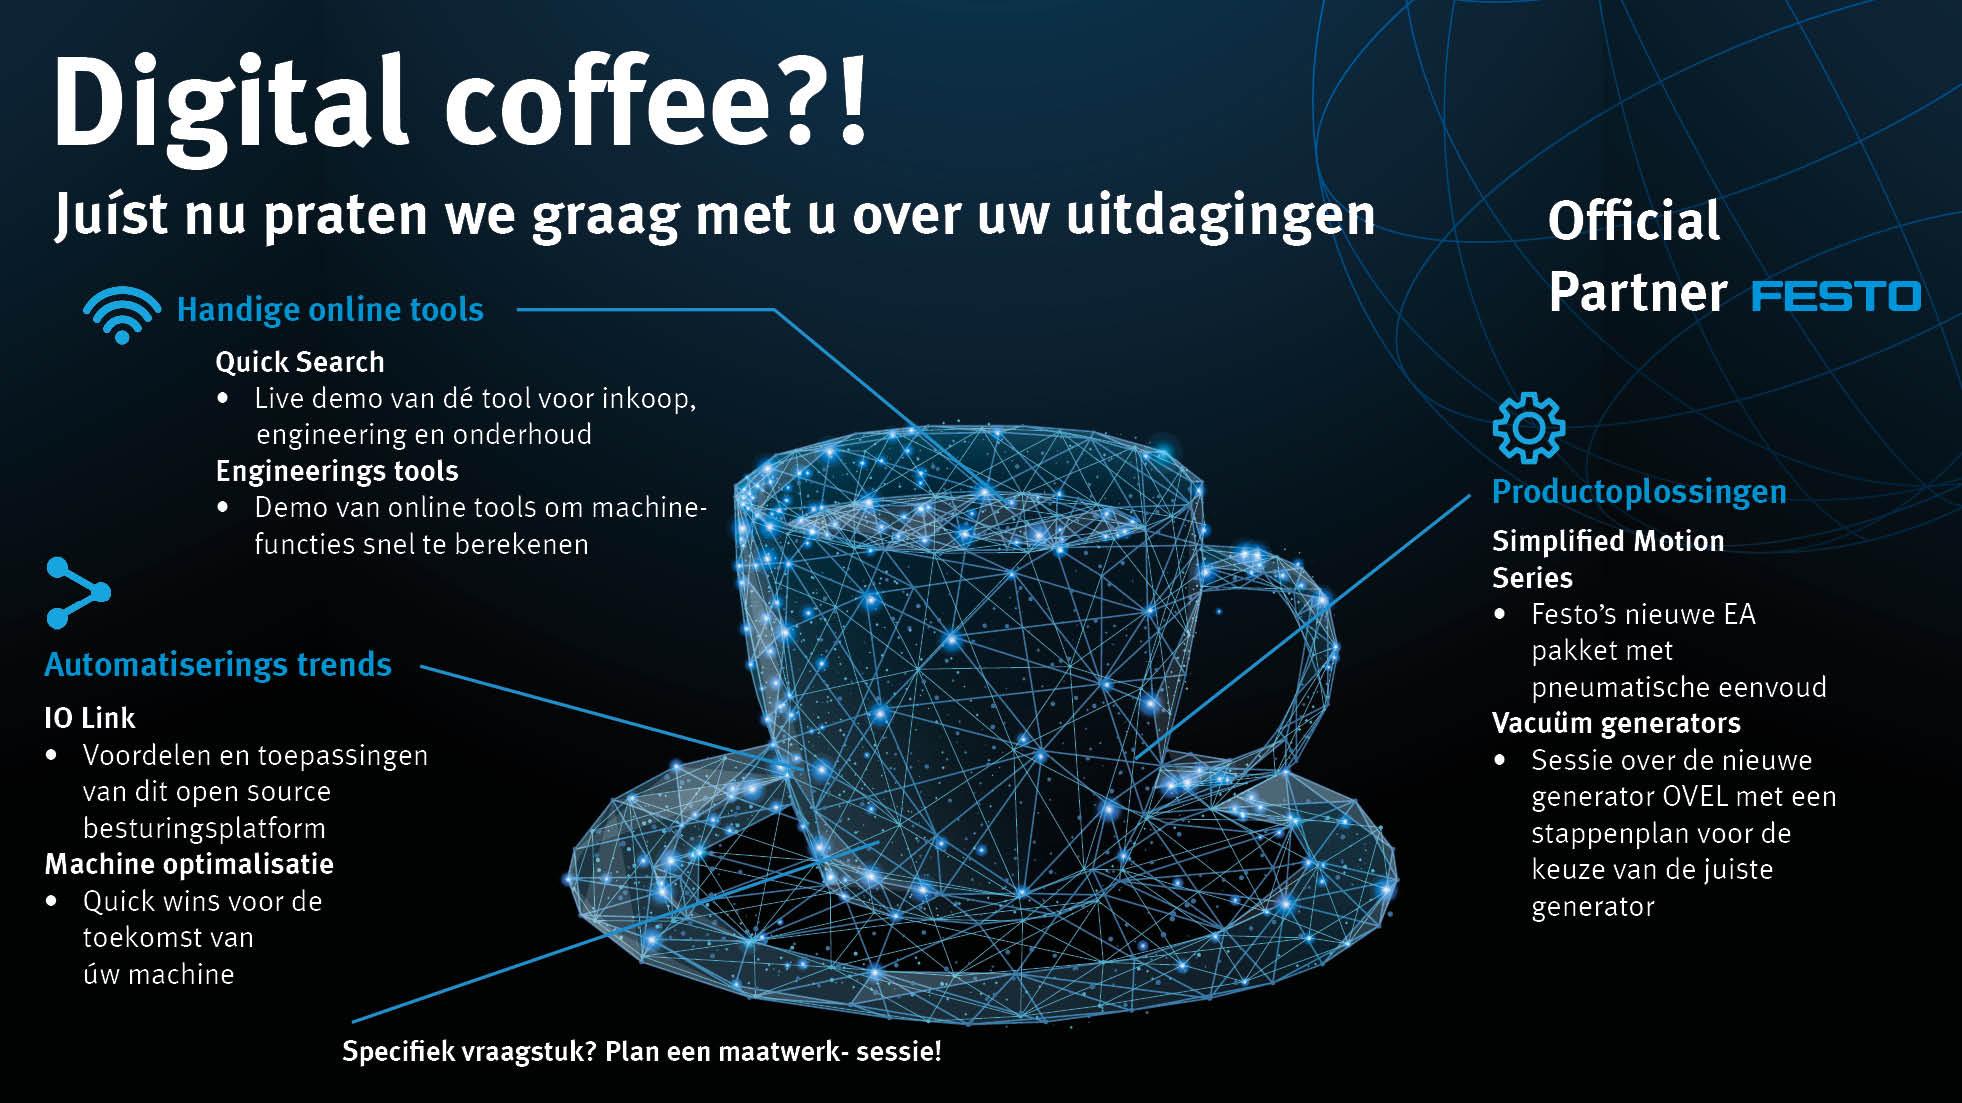 ppt voorpagina digital coffee.jpg